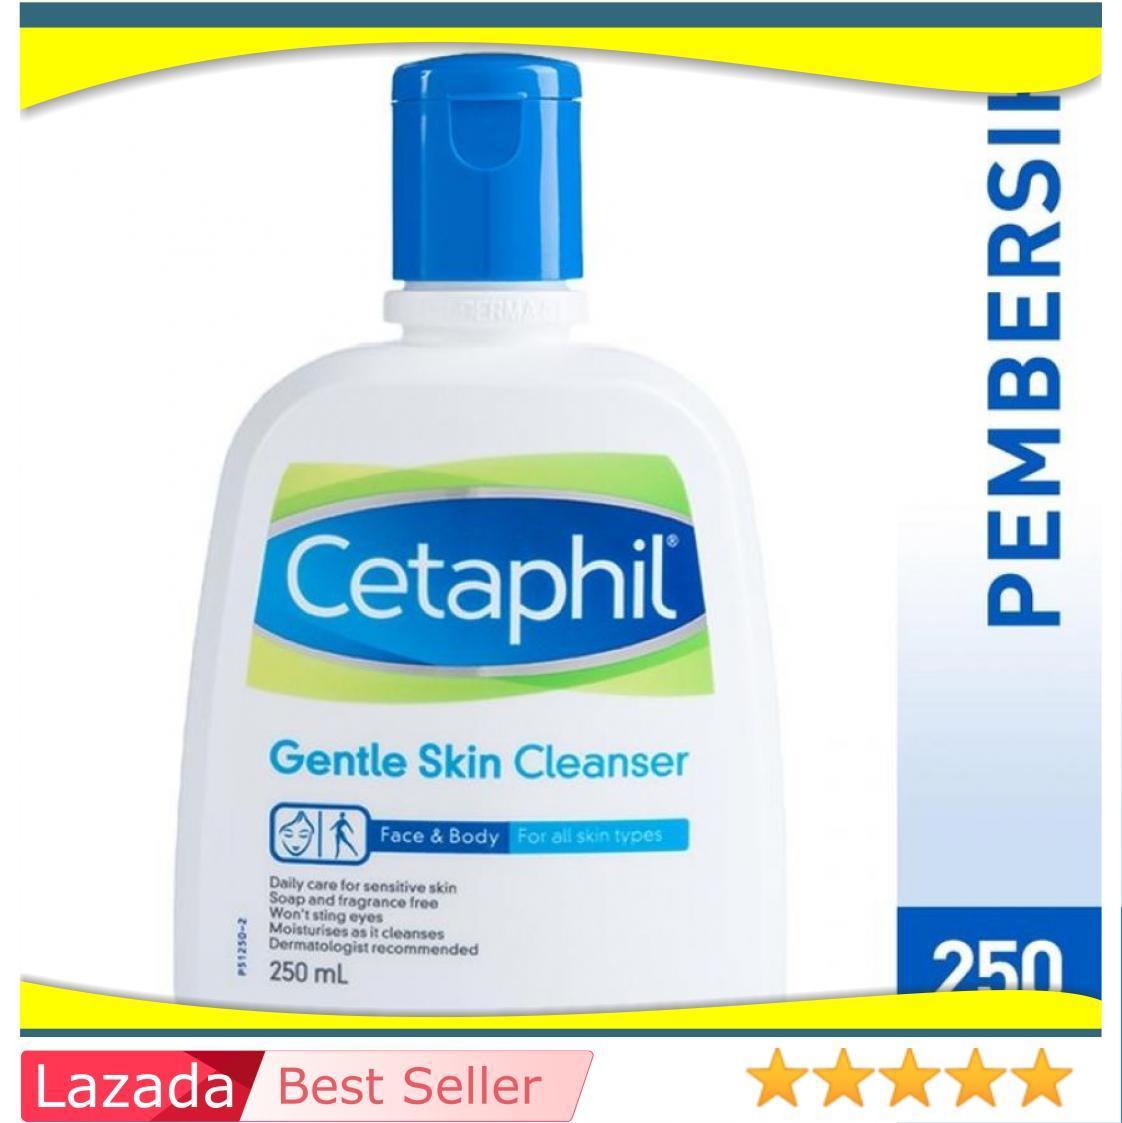 Cetaphil Gentle Skin Cleanser 250 Ml / Produk Kecantikan Mandi Perawatan Tubuh Sabun Badan / Kesehatan Kecantikan / Perawatan Tubuh / Sabun Mandi Sampo / Sabun Cair